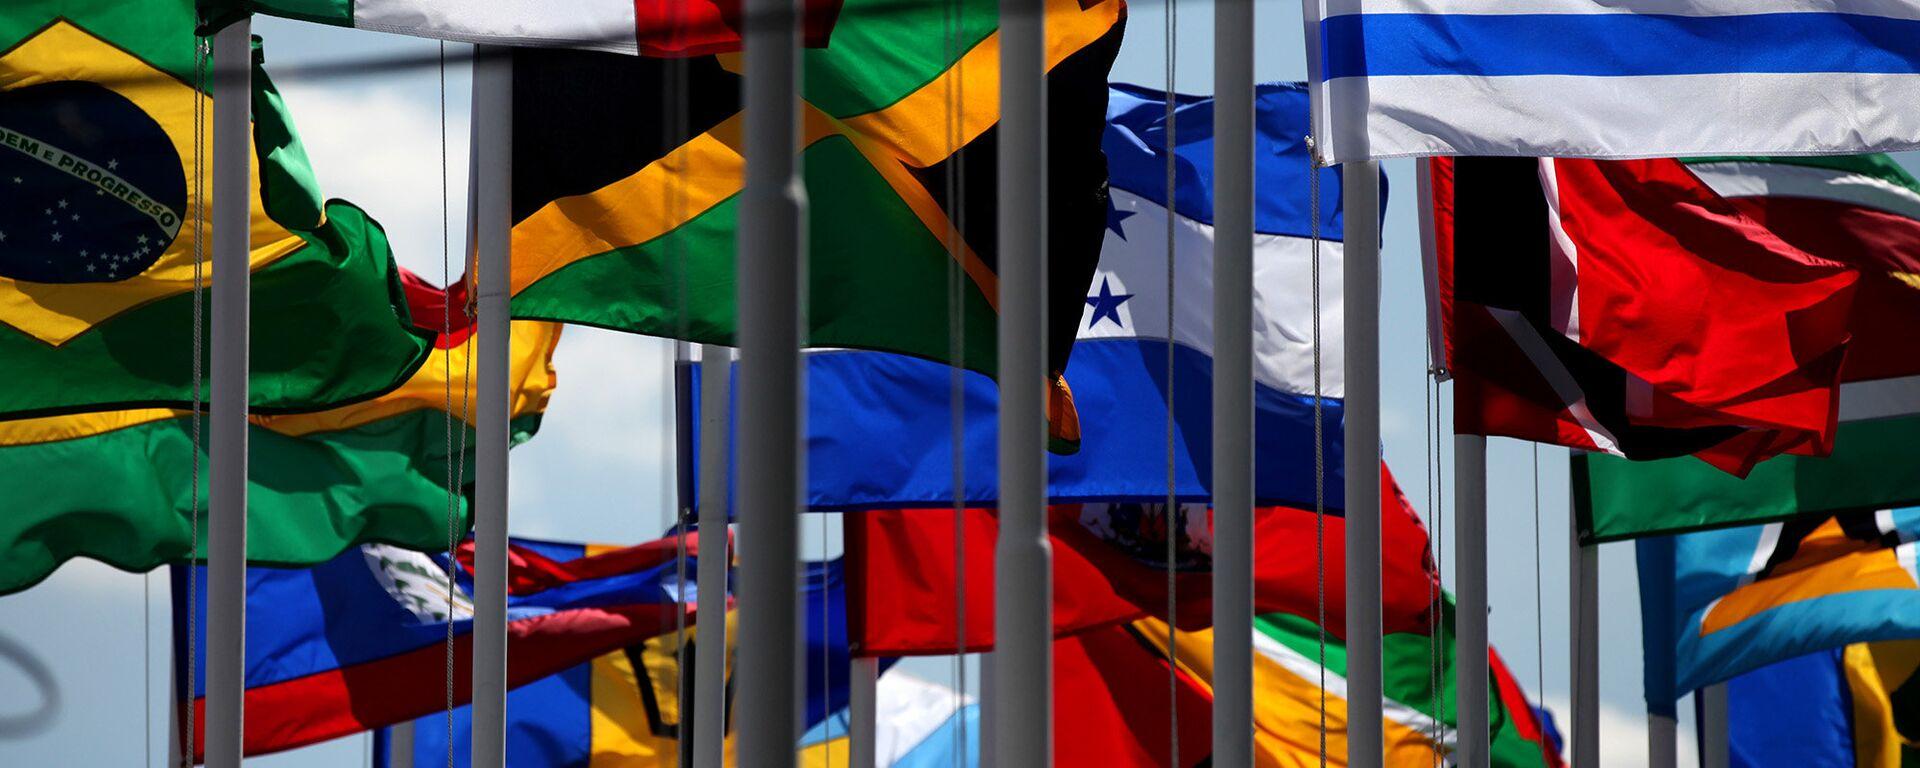 Banderas de países miembros de la CELAC (archivo) - Sputnik Mundo, 1920, 12.01.2021